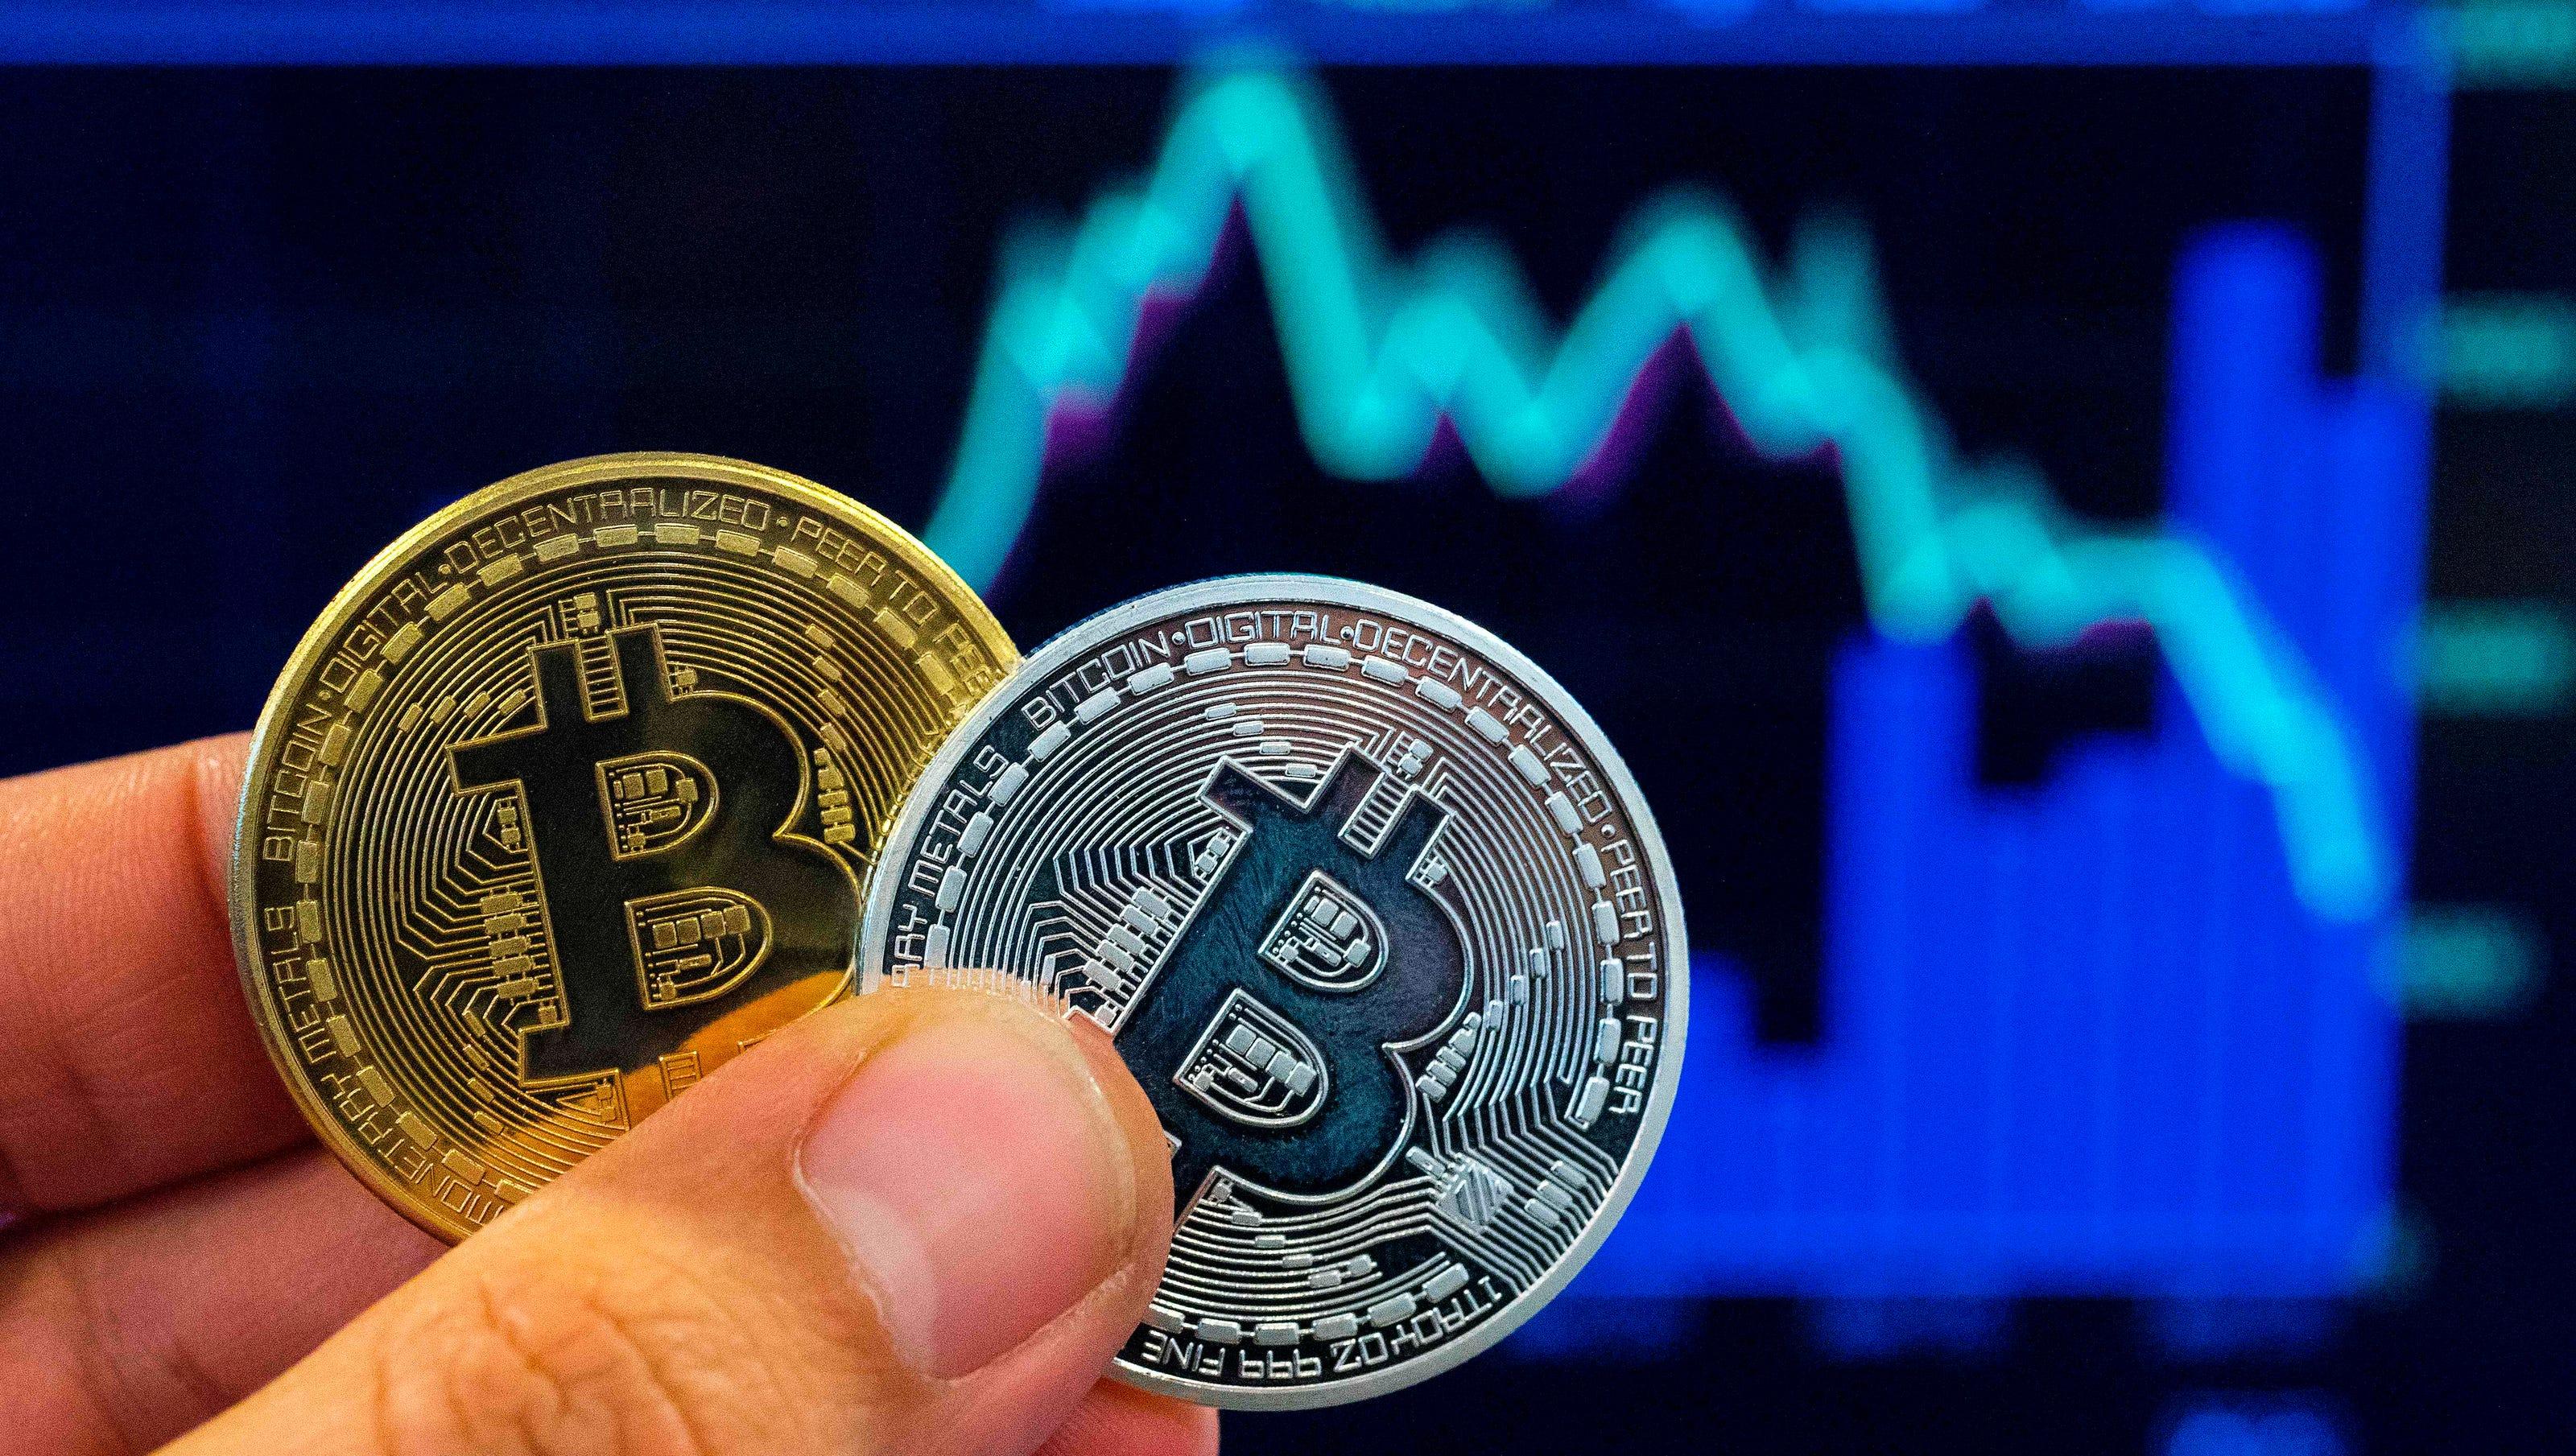 mt coin latest news